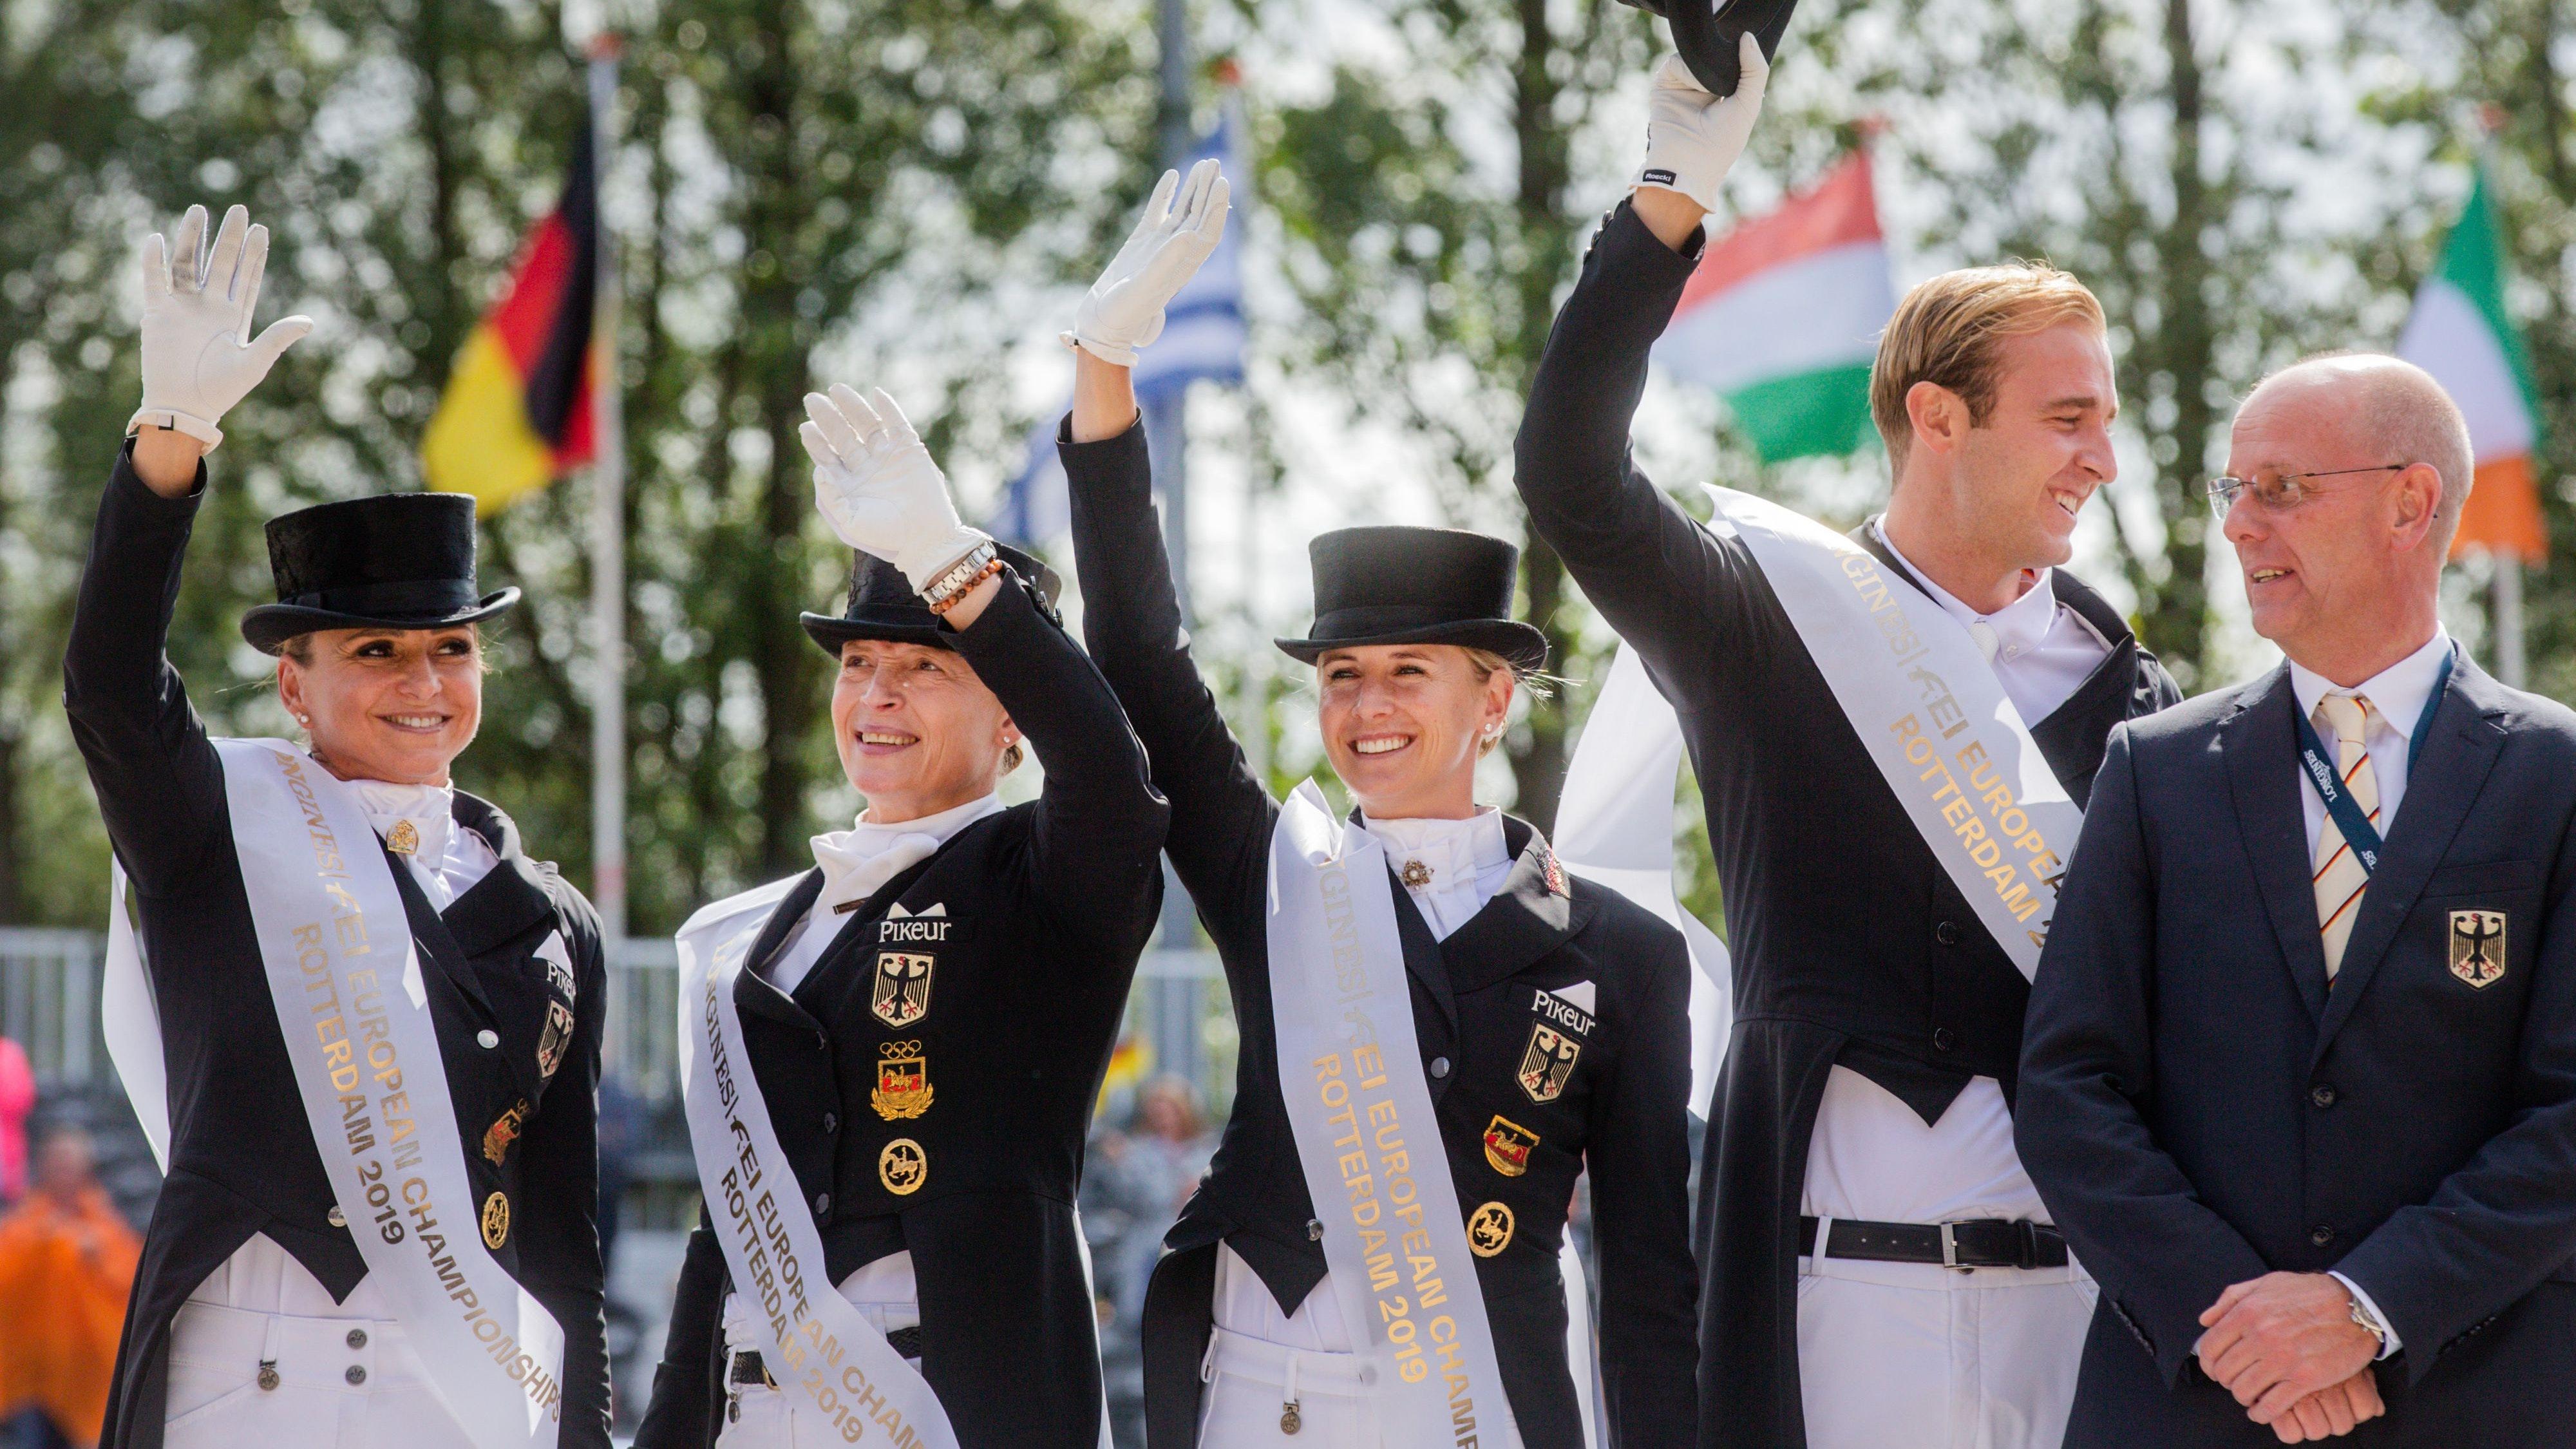 Olympia kann kommen: Klaus Roeser (rechts) mit dem Dressur-Team im August 2019 als Mannschafts-Europameister. Von links Dorothee Schneider, Isabell Werth, Jessica von Bredow-Werndl und Sönke Rothenberger (fehlt in Tokio). Foto: dpa/Vennenbernd